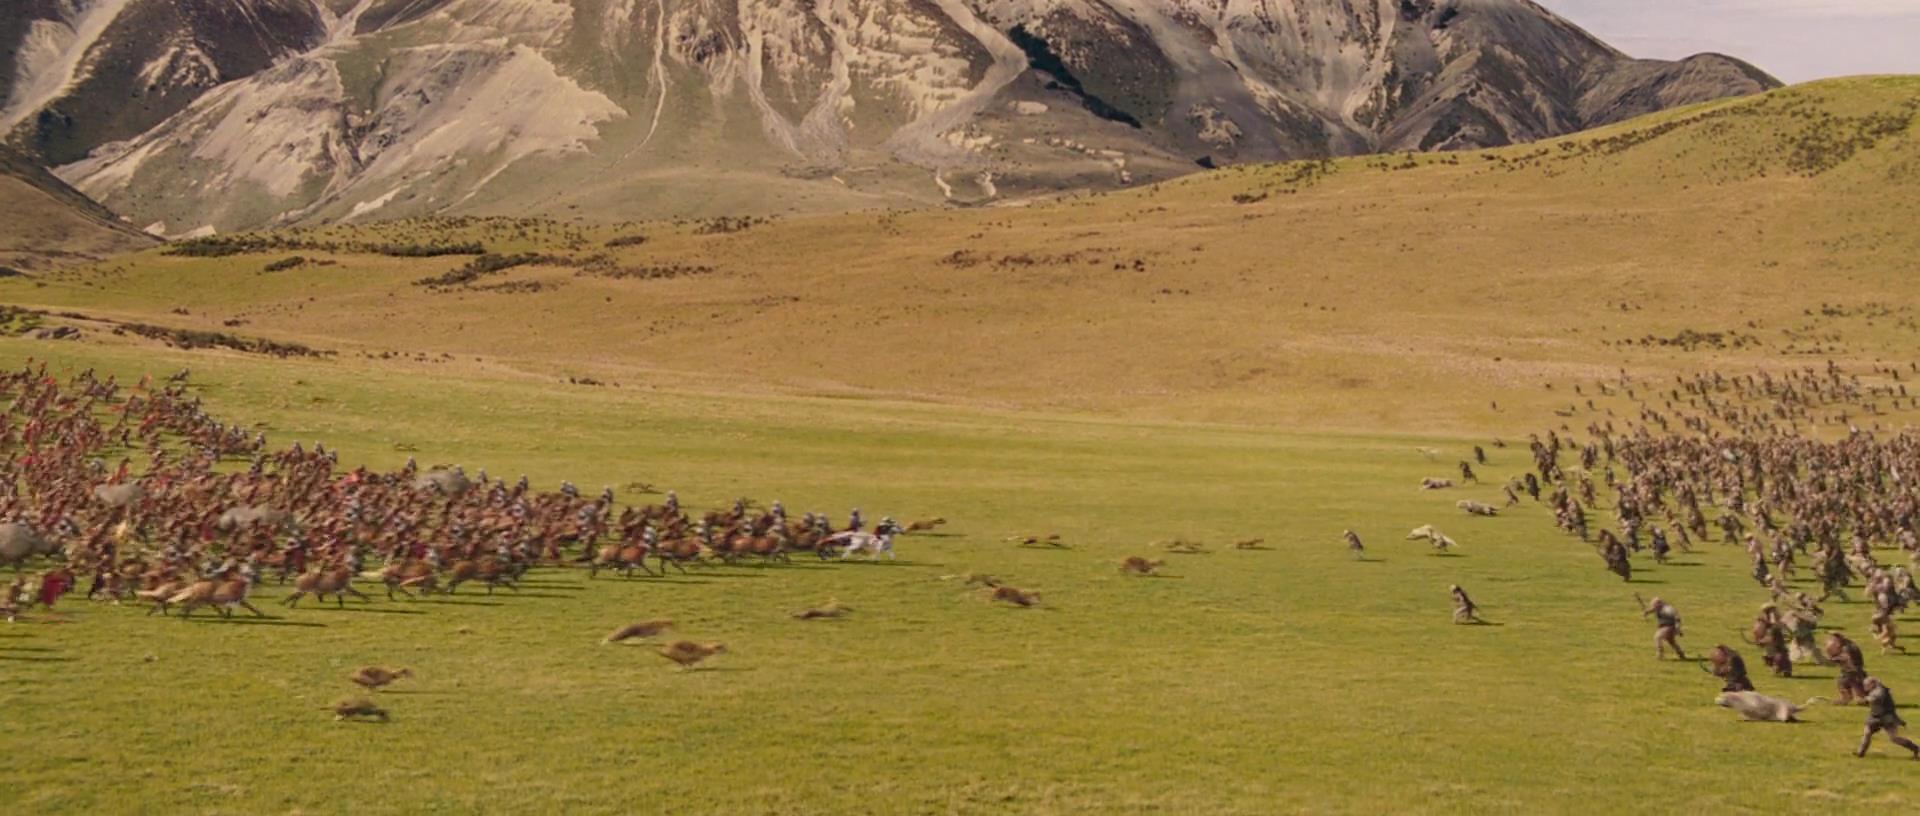 First Battle of Beruna